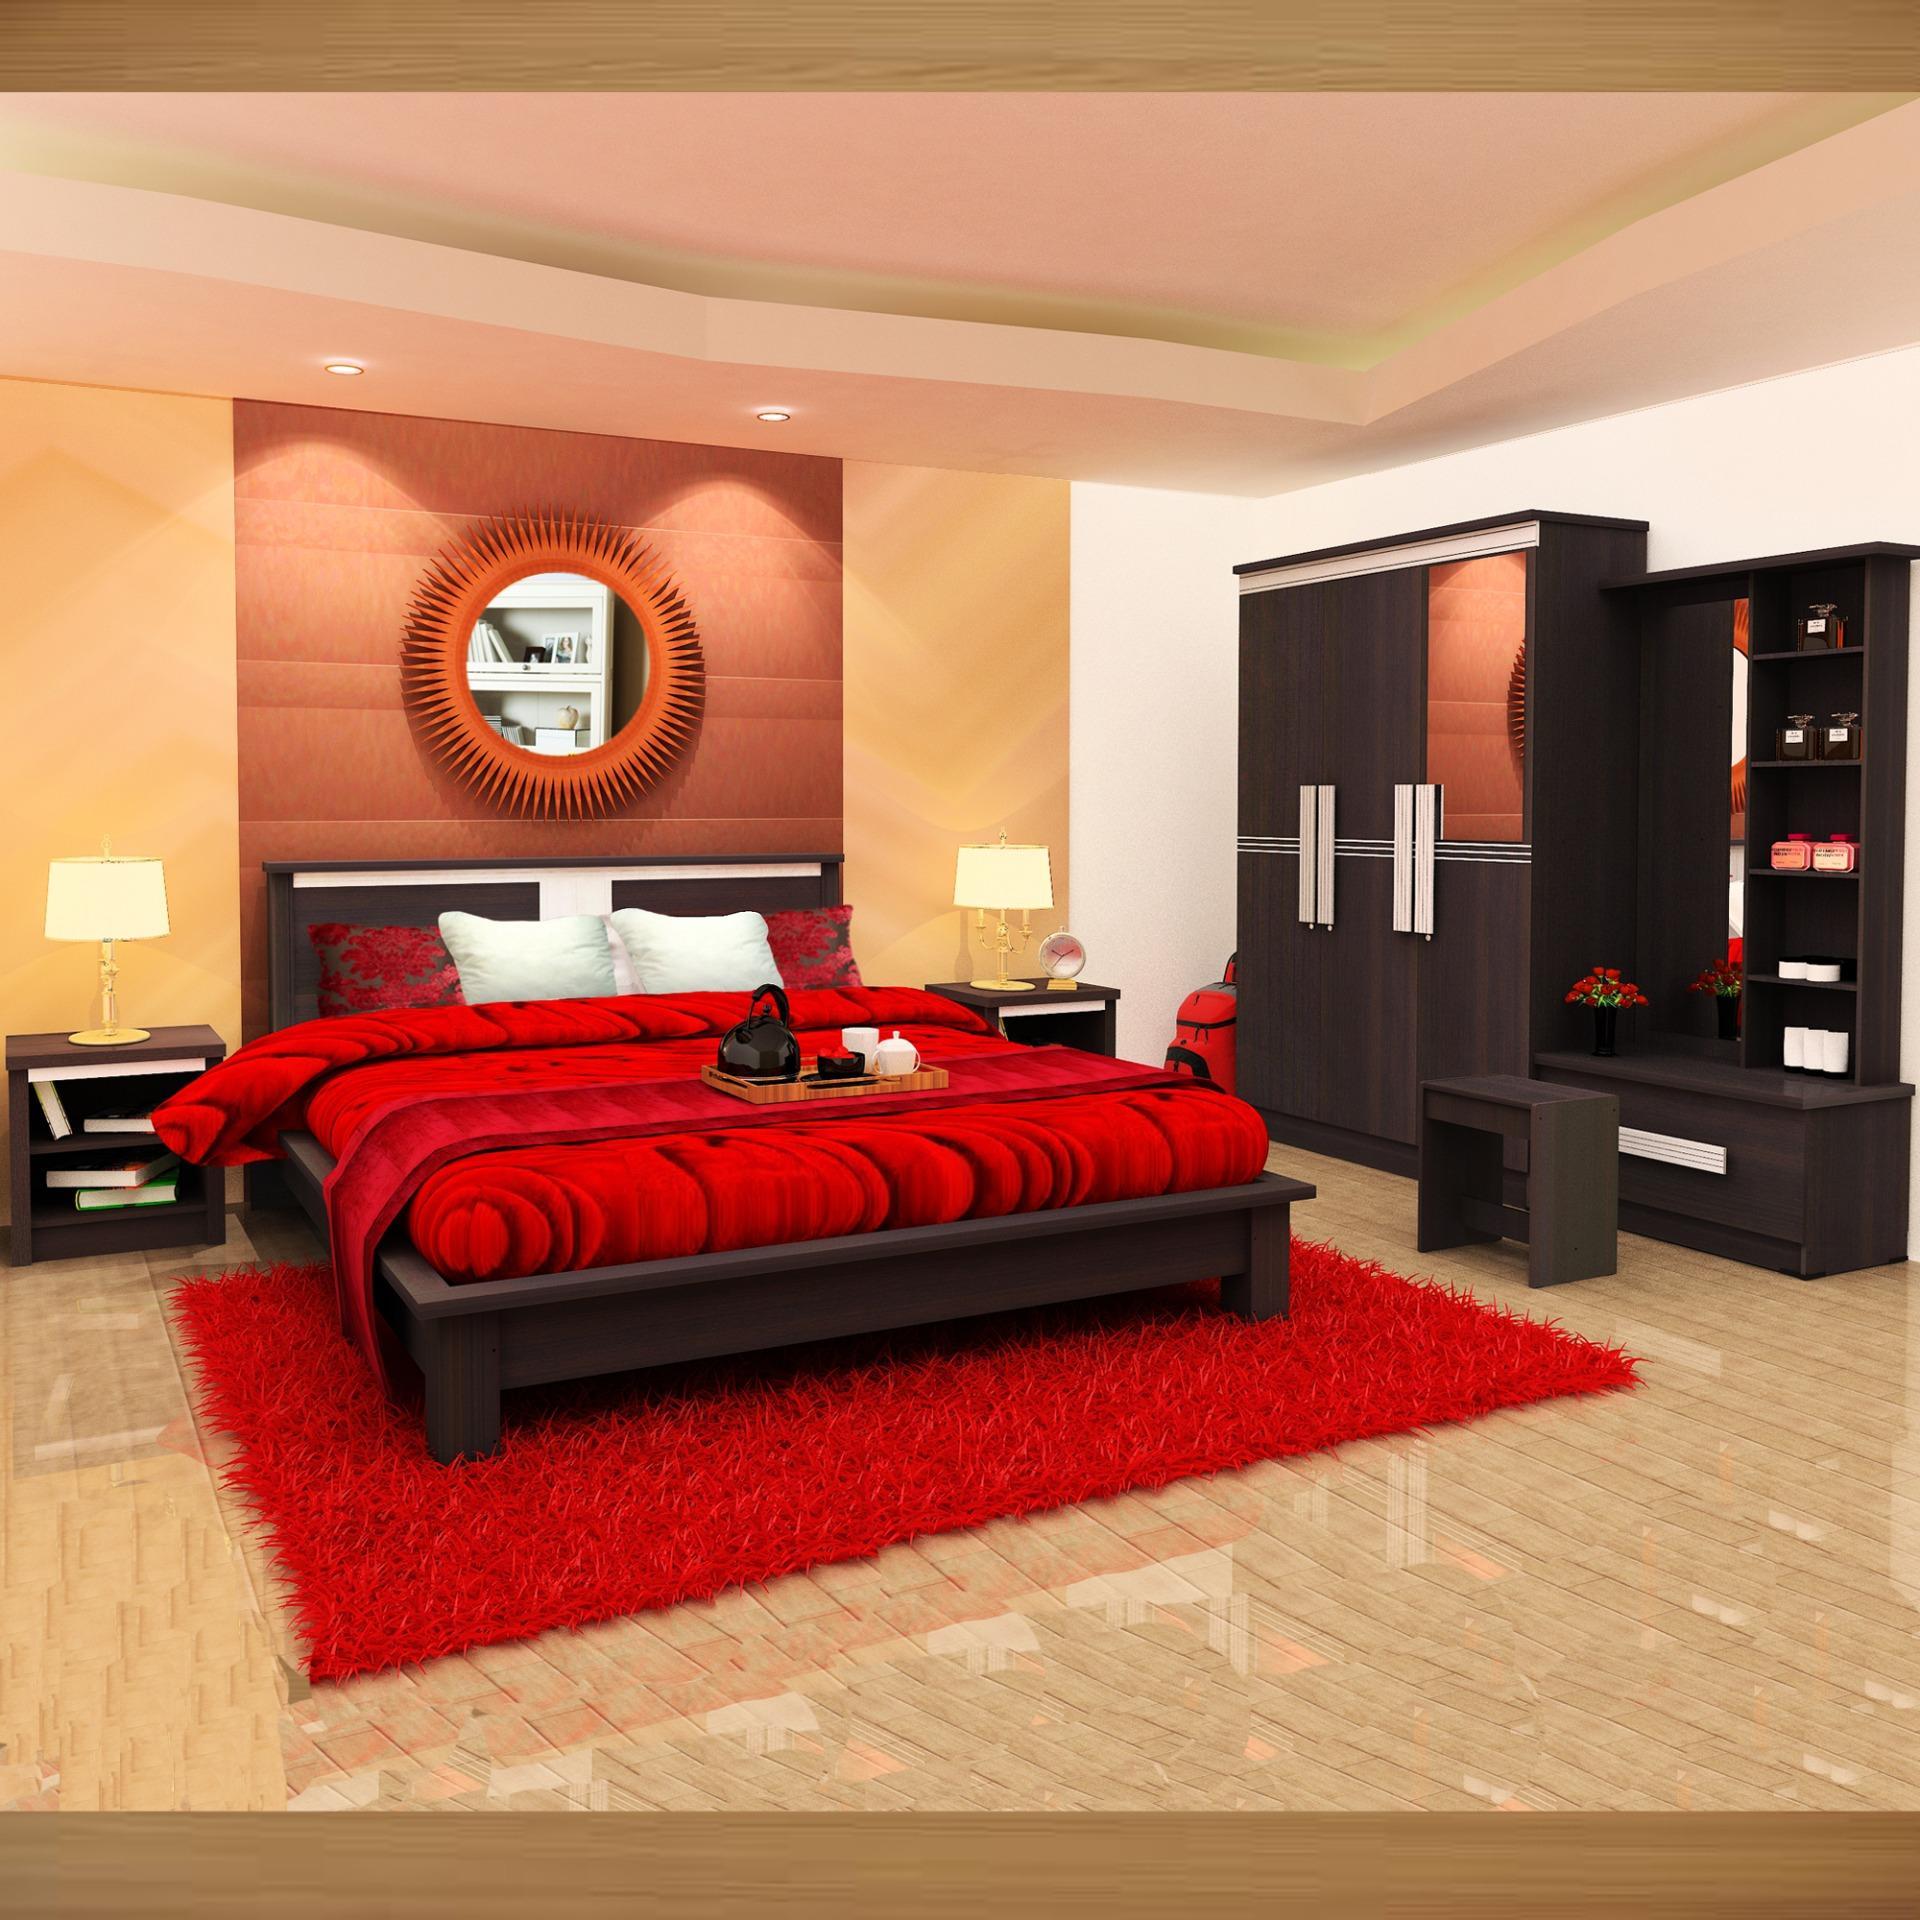 Lemari Pakaian Ranjang Nakas Meja Rias Bedroom Set Red